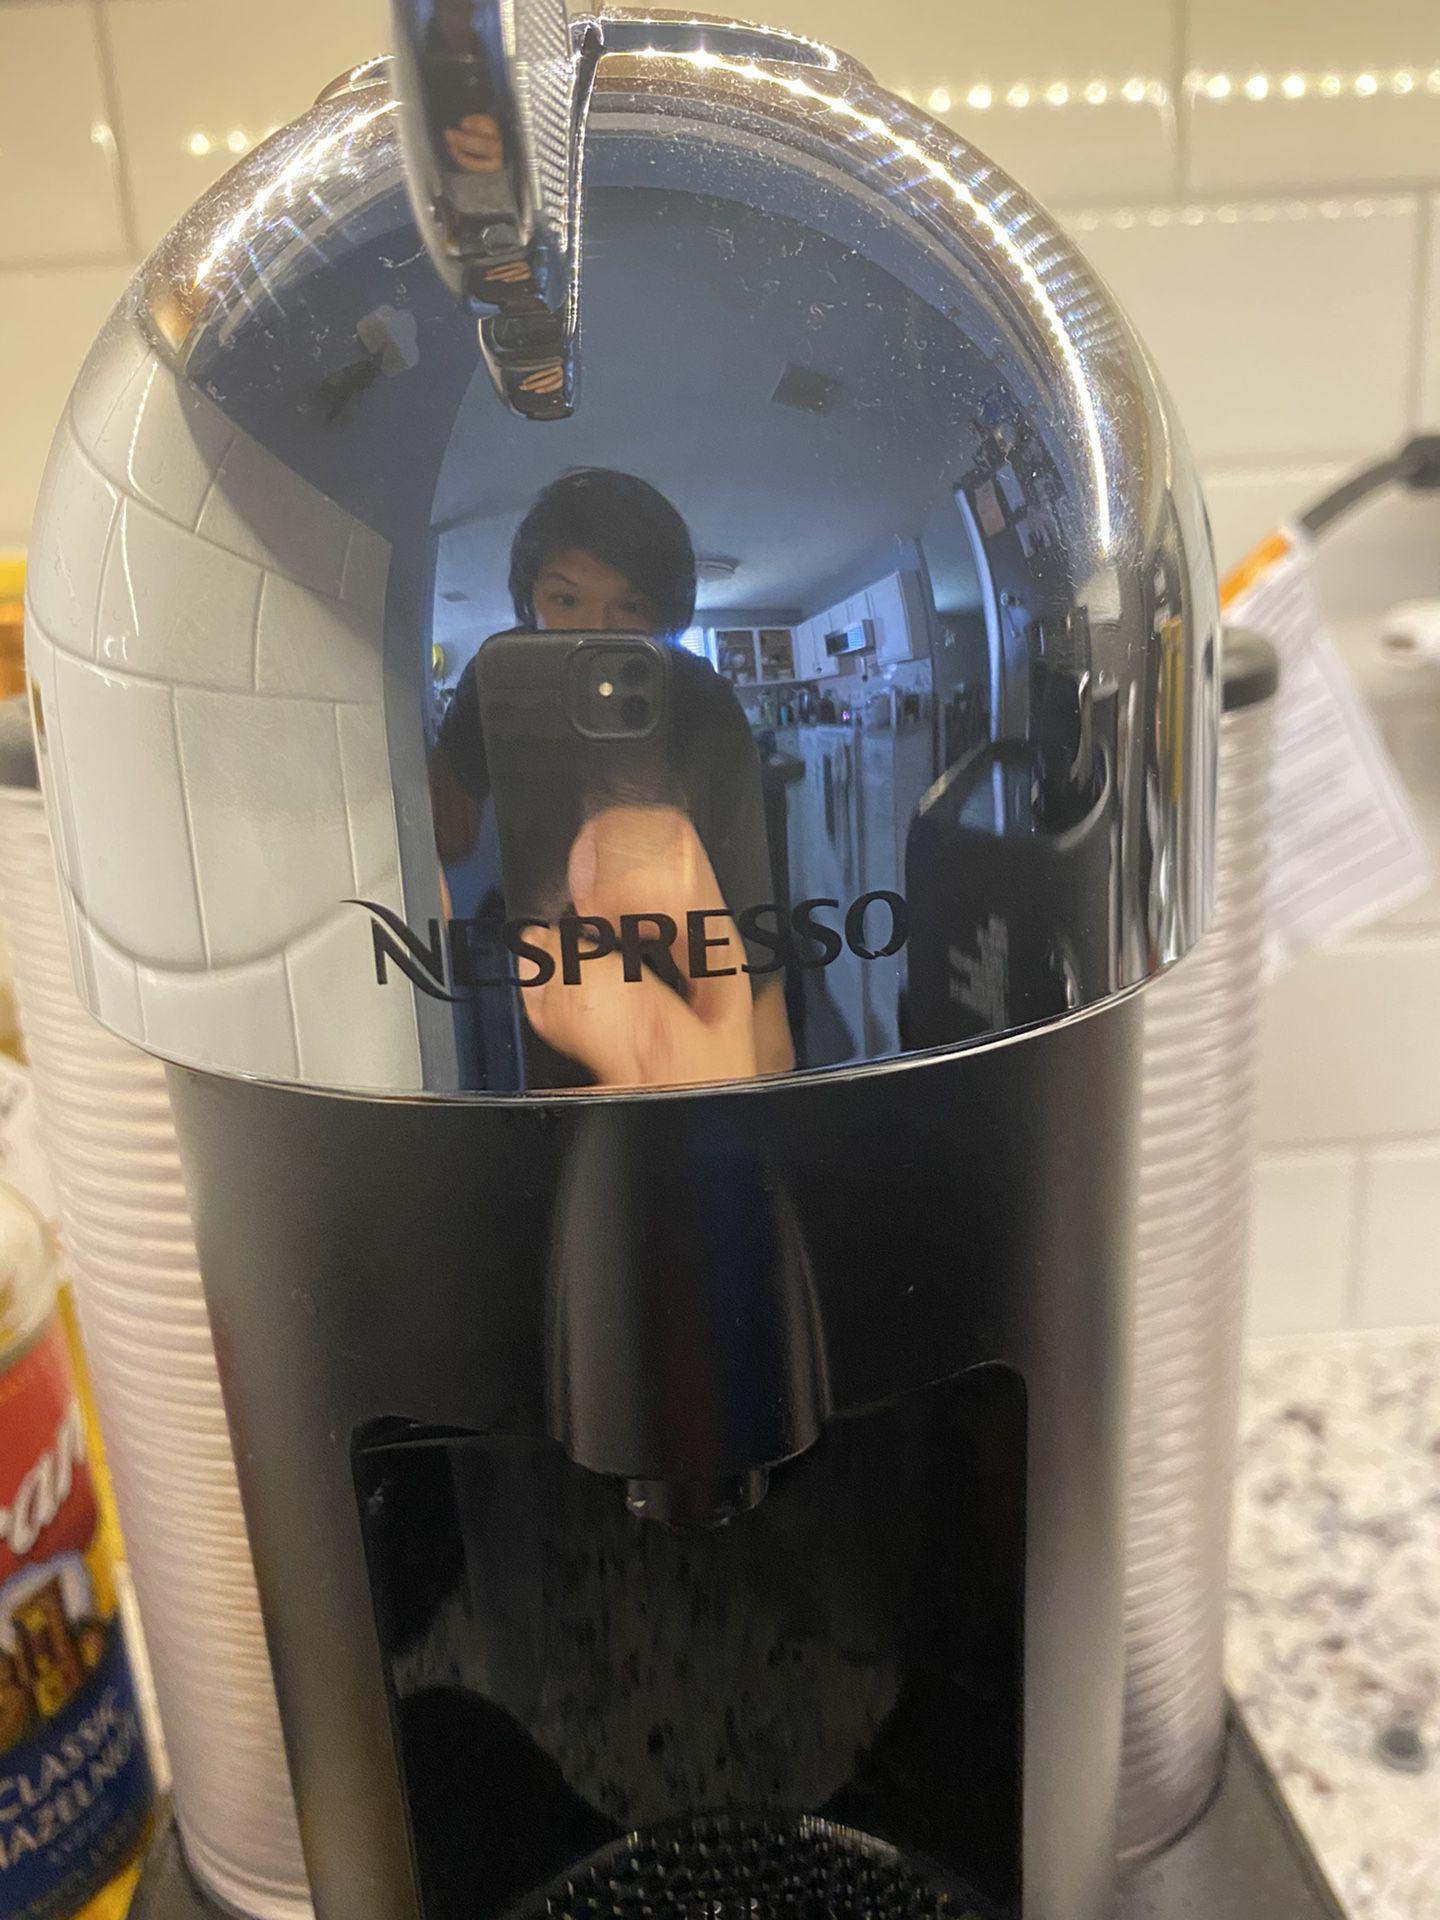 Breville nespresso machine coffee cafe espresso